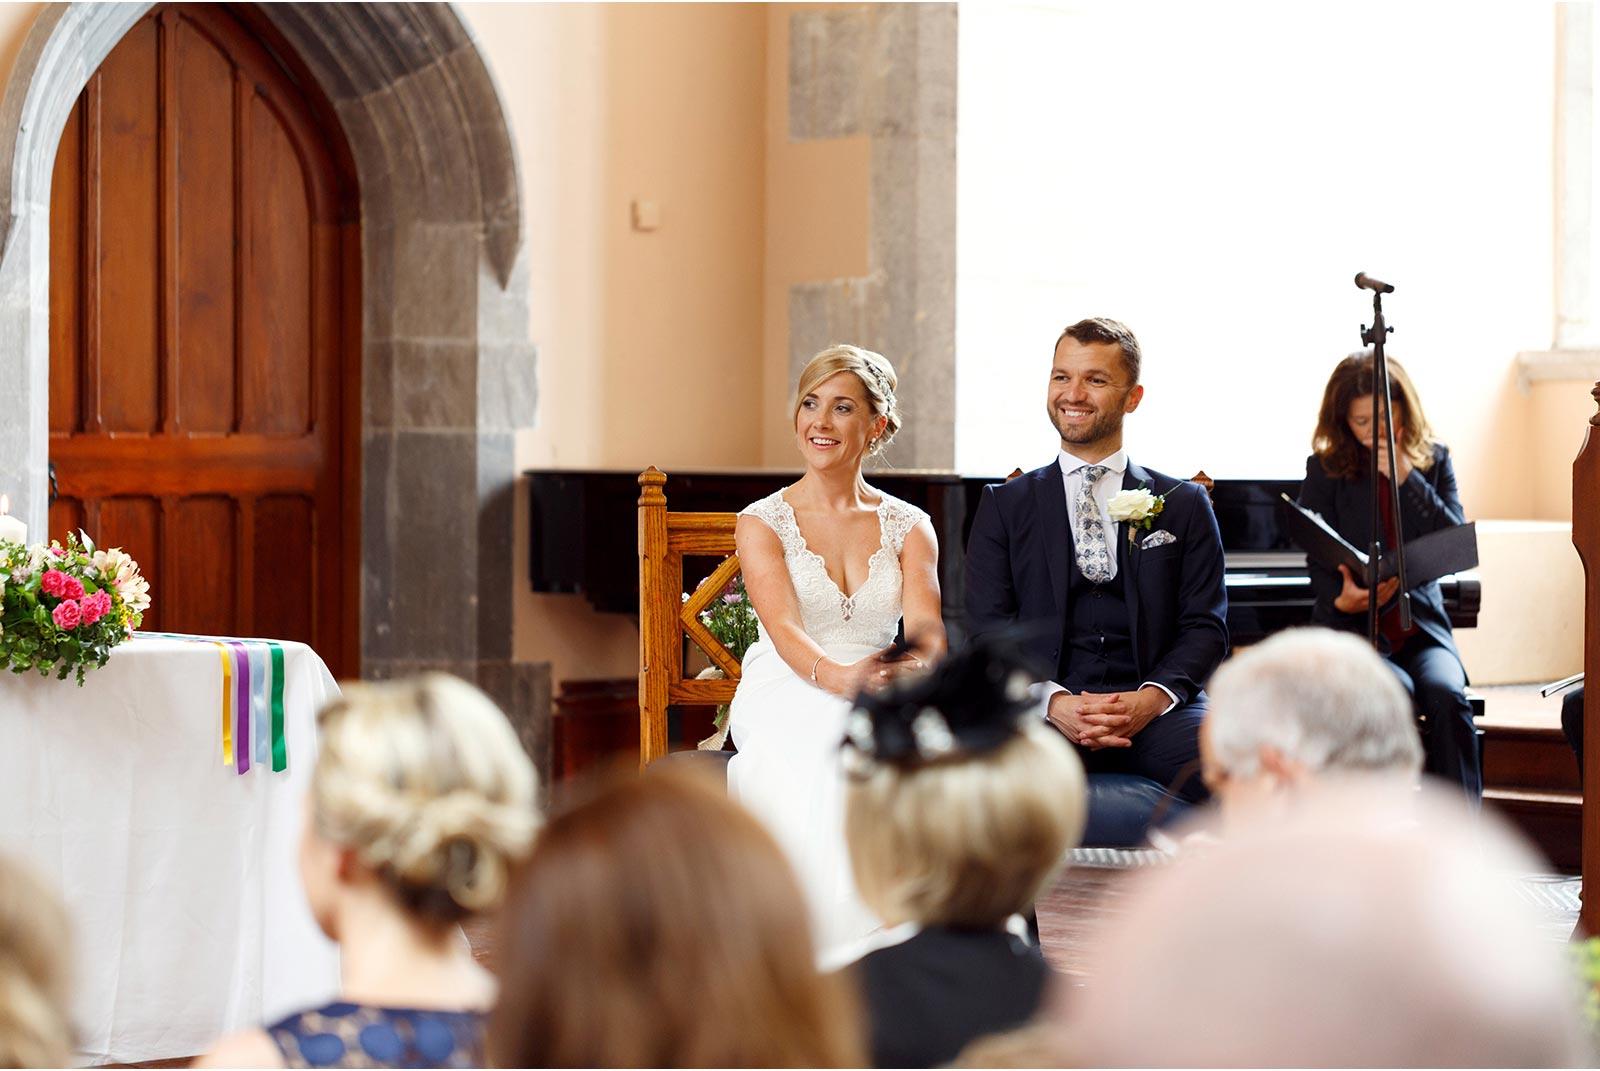 UCC Aula Maxima wedding ceremony